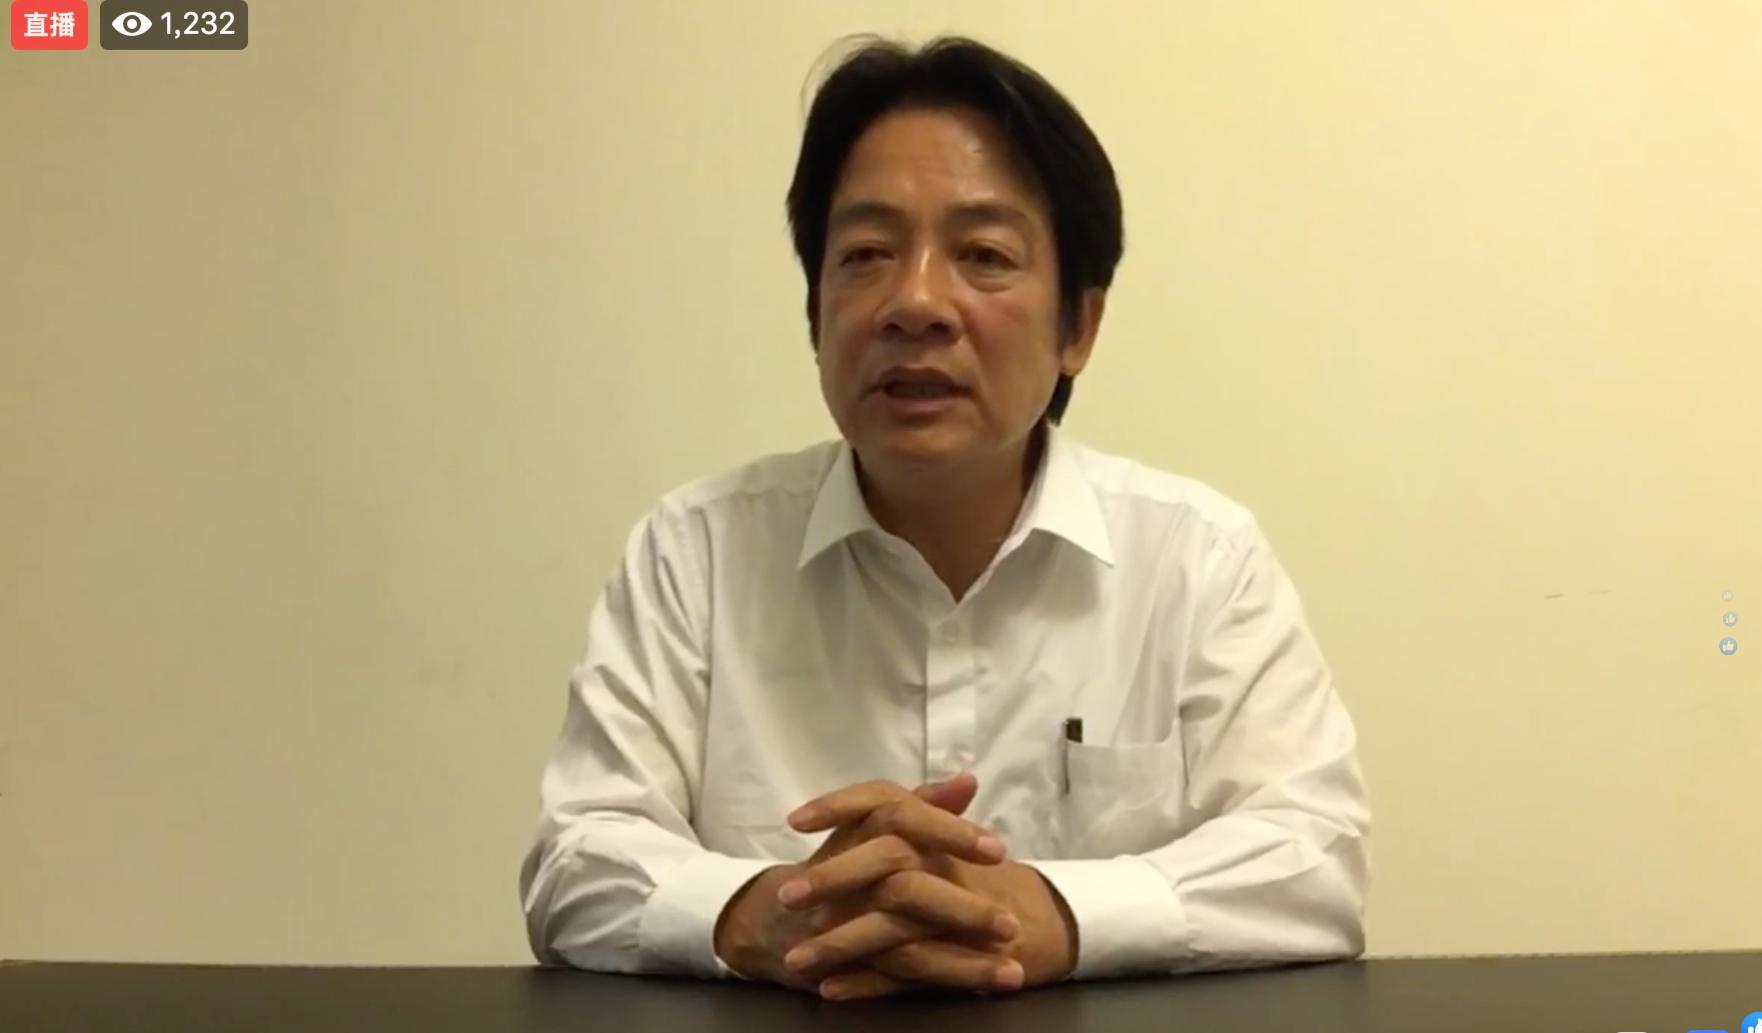 前閣揆賴清德12日下午在臉書開直播呼籲習近平對香港反送中不要錯估形勢。(賴清德臉書截圖)